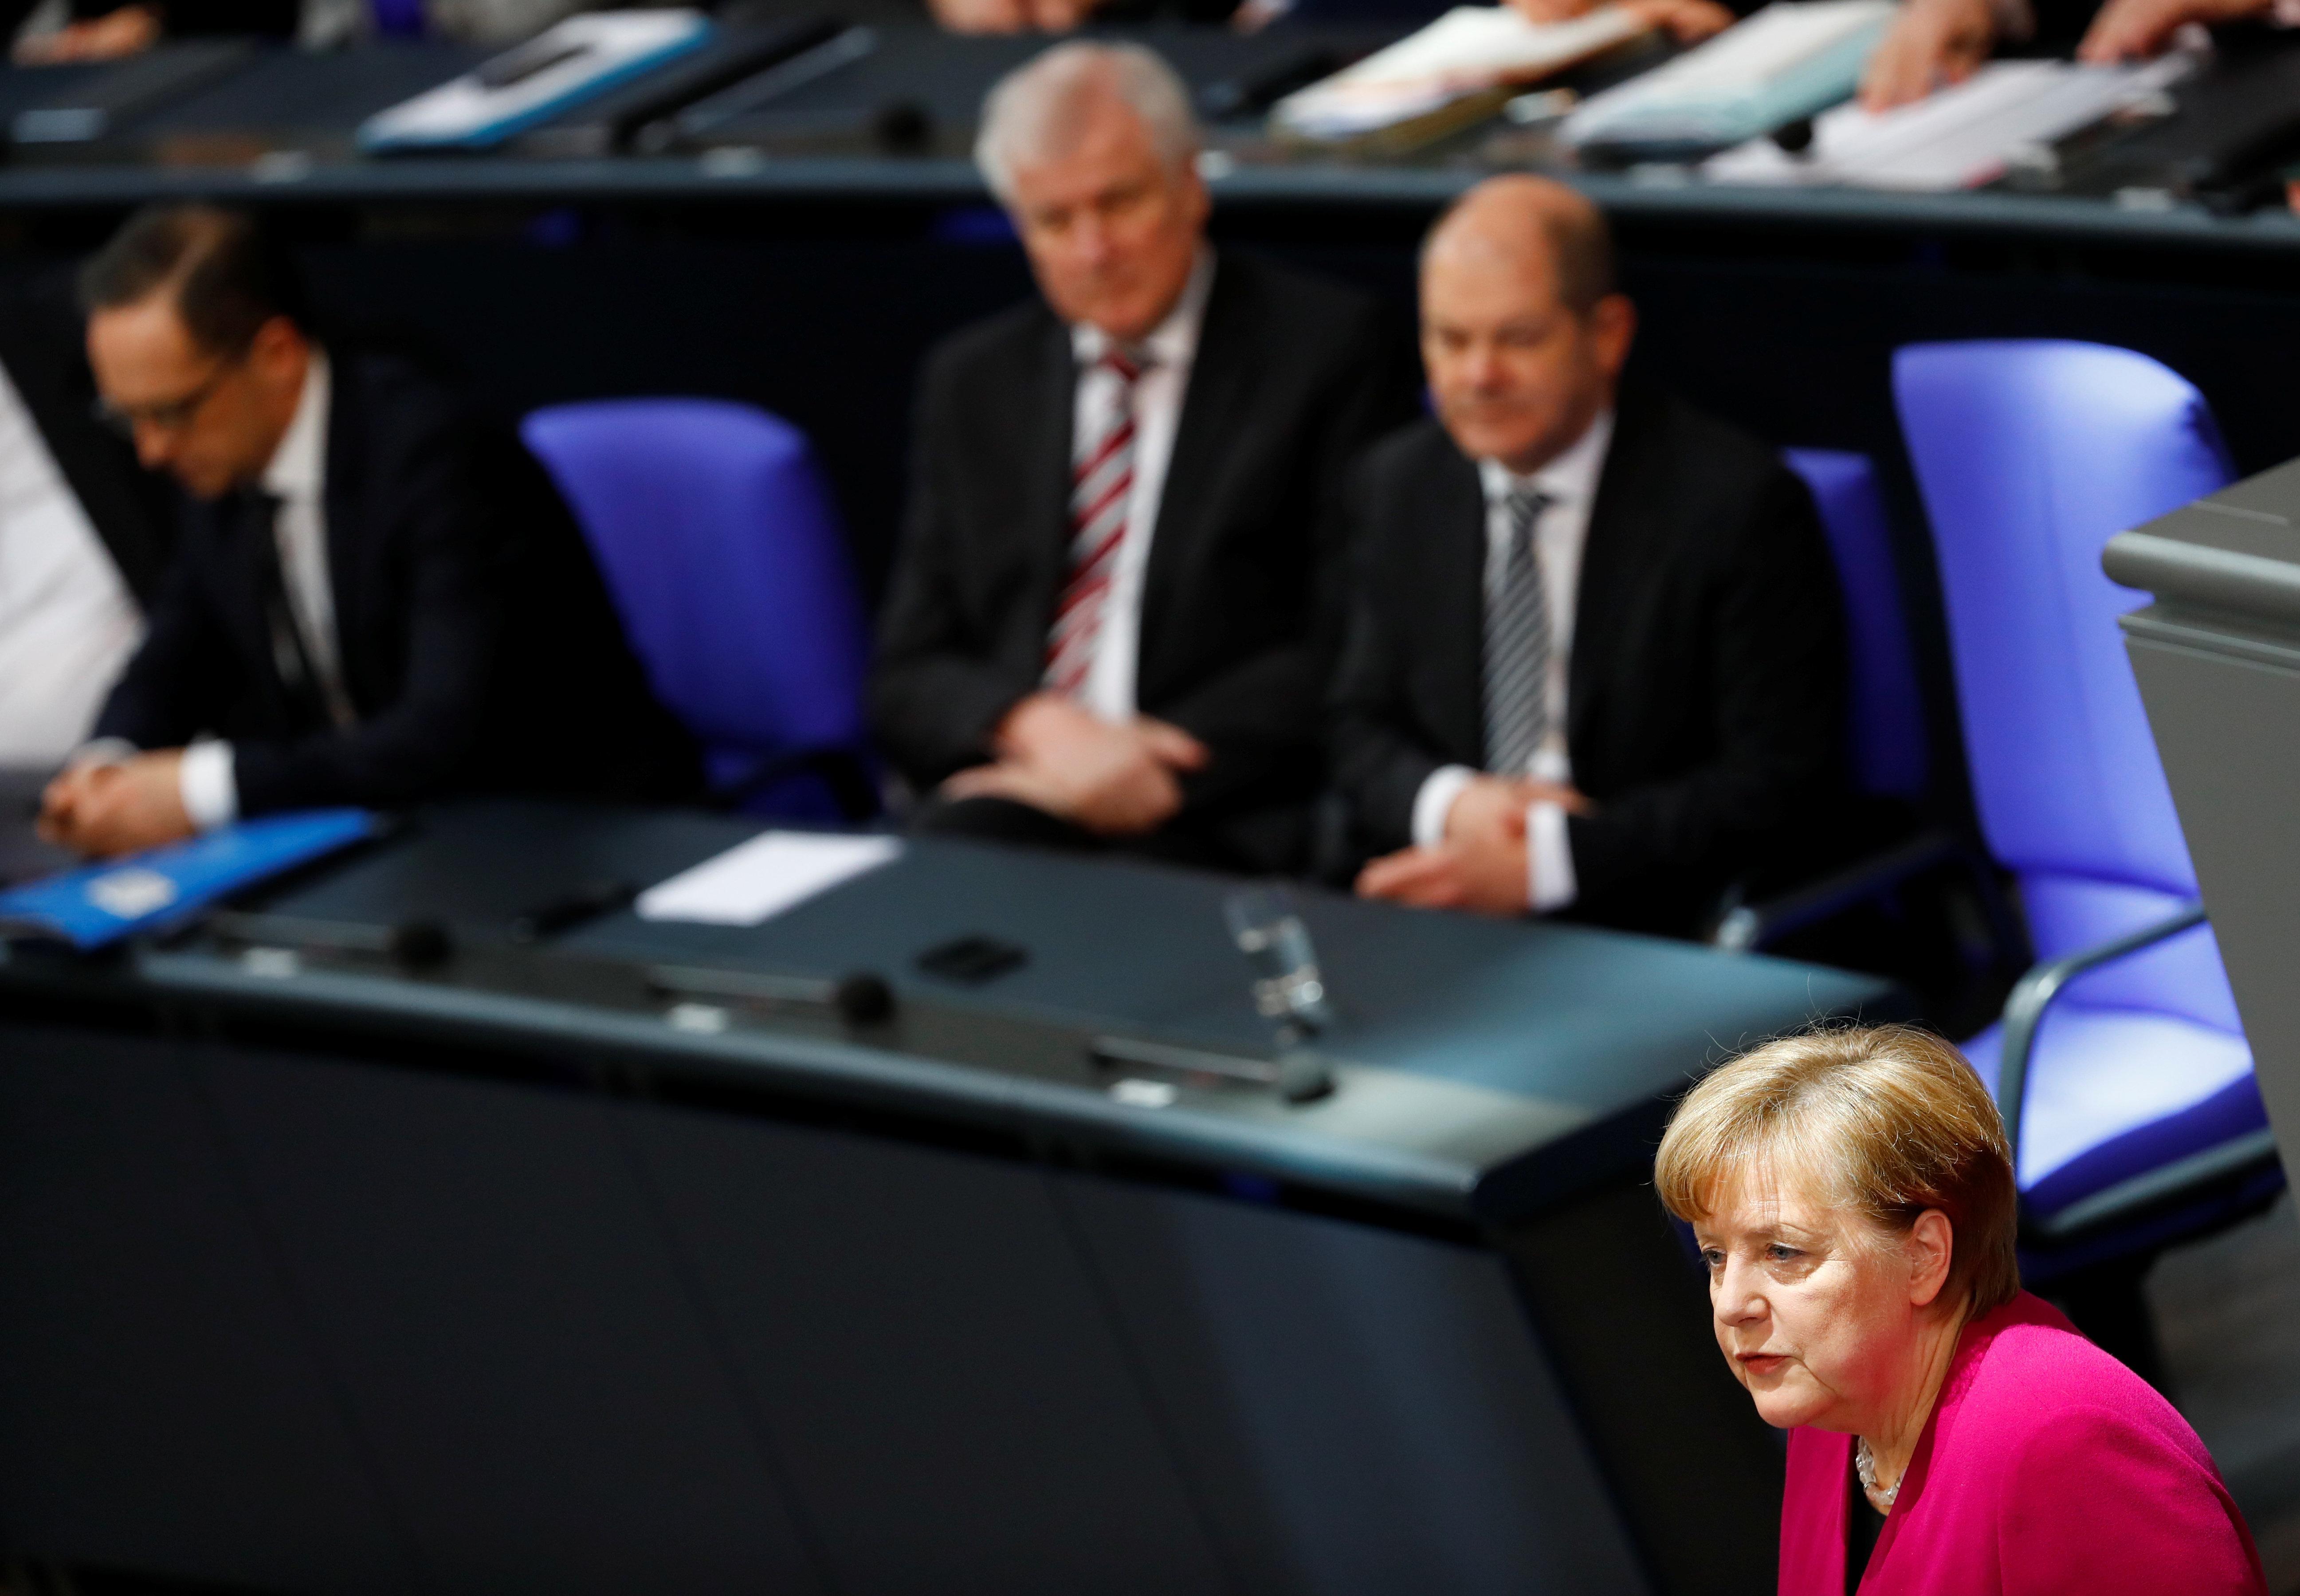 Apokalypse Asylstreit: Welche Folgen ein Bruch zwischen CDU und CSU haben